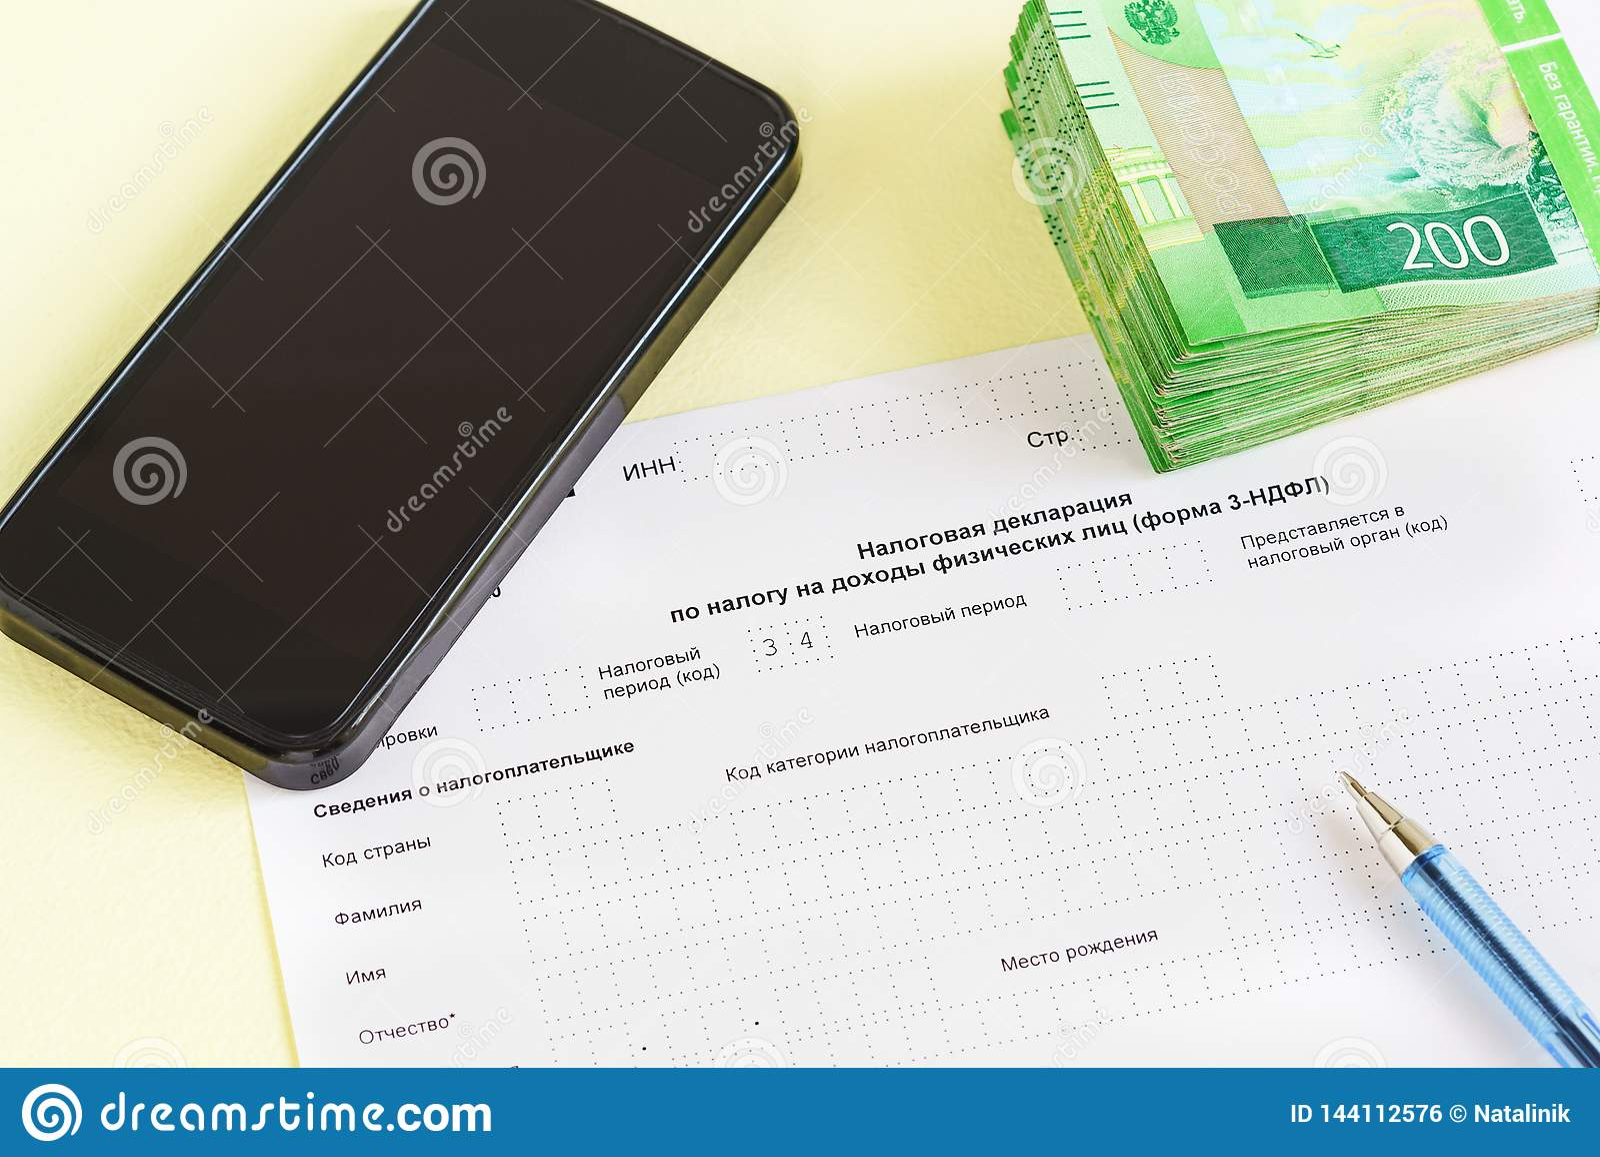 Document in Russische taal: Van de Belastingsverklaring op de belasting aan inkomens van fysiek personenclose-up, pen, smartphone